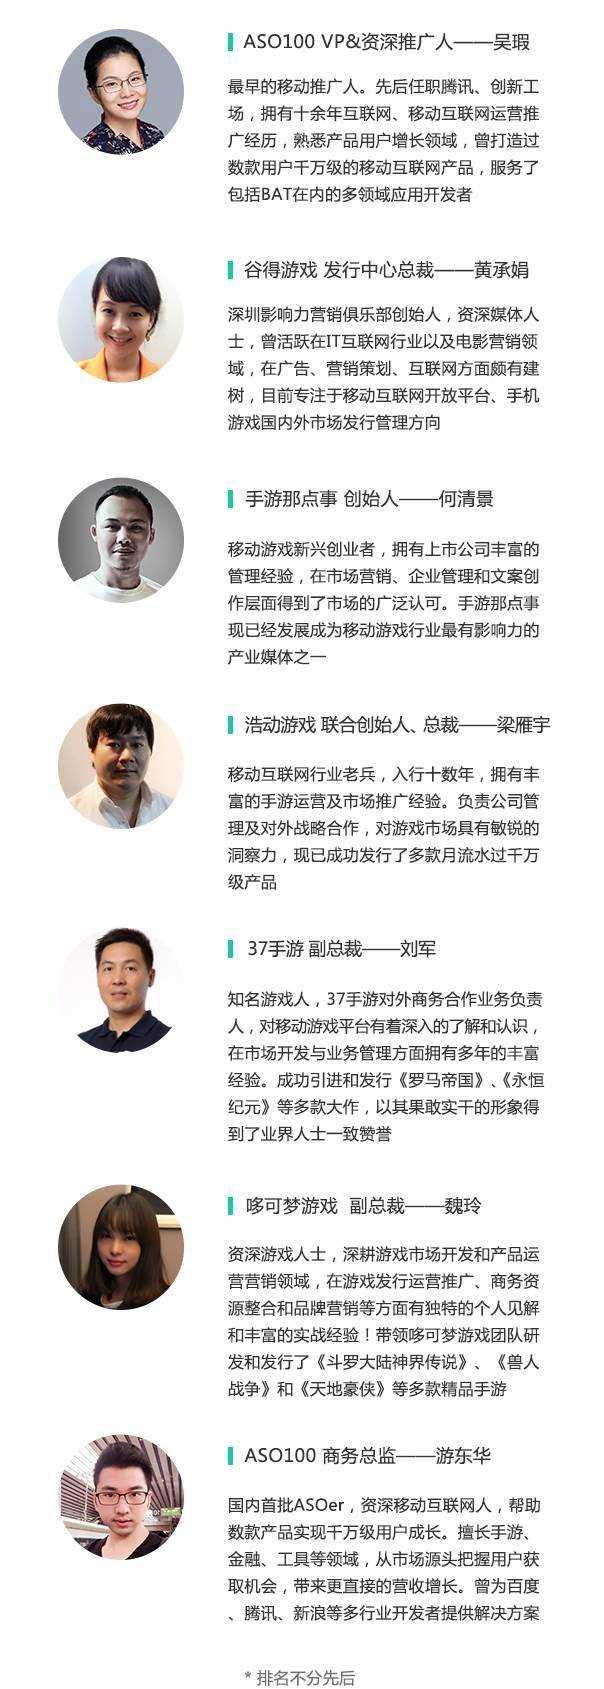 4.12广州-巡回沙龙嘉宾介绍.jpg